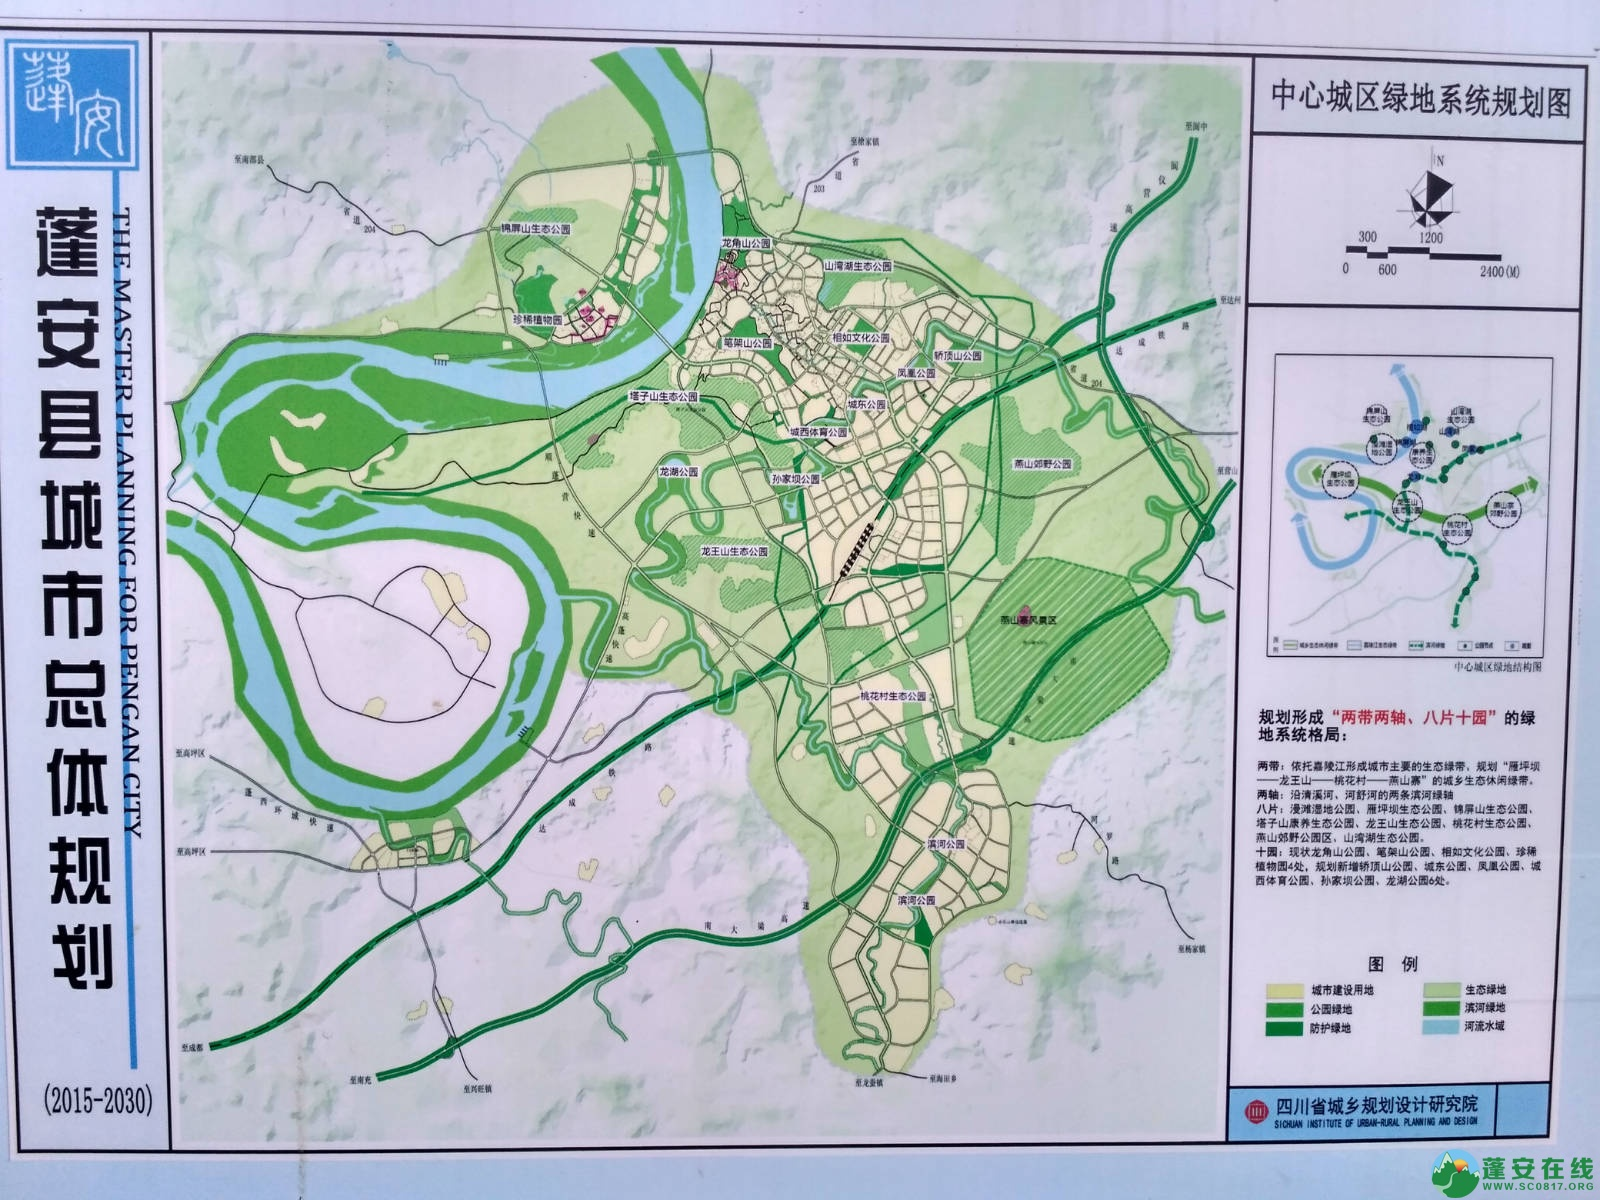 蓬安县2015年-2030年最新城市总体规划公示 - 第6张    蓬安在线